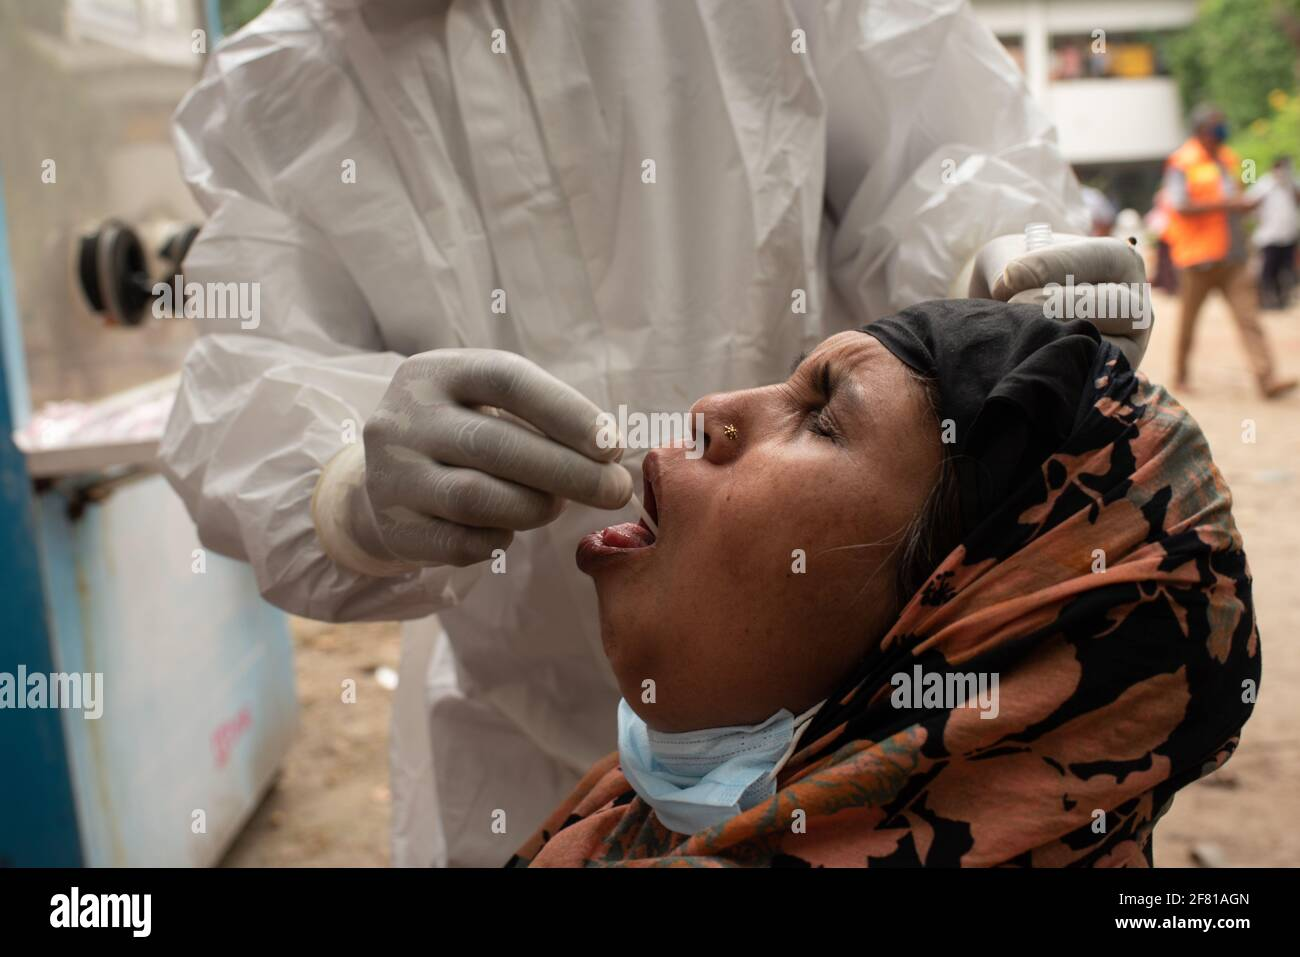 Dhaka, Bangladesh. 10 Apr 2021. Una donna reagisce come un operatore sanitario che indossa dispositivi di protezione individuale prende un bastoncino da lei per testare la malattia di coronavirus (COVID-19) in un ospedale di Dhaka. Credit: Fatima-Tuj Johora/ZUMA Wire/Alamy Live News Foto Stock